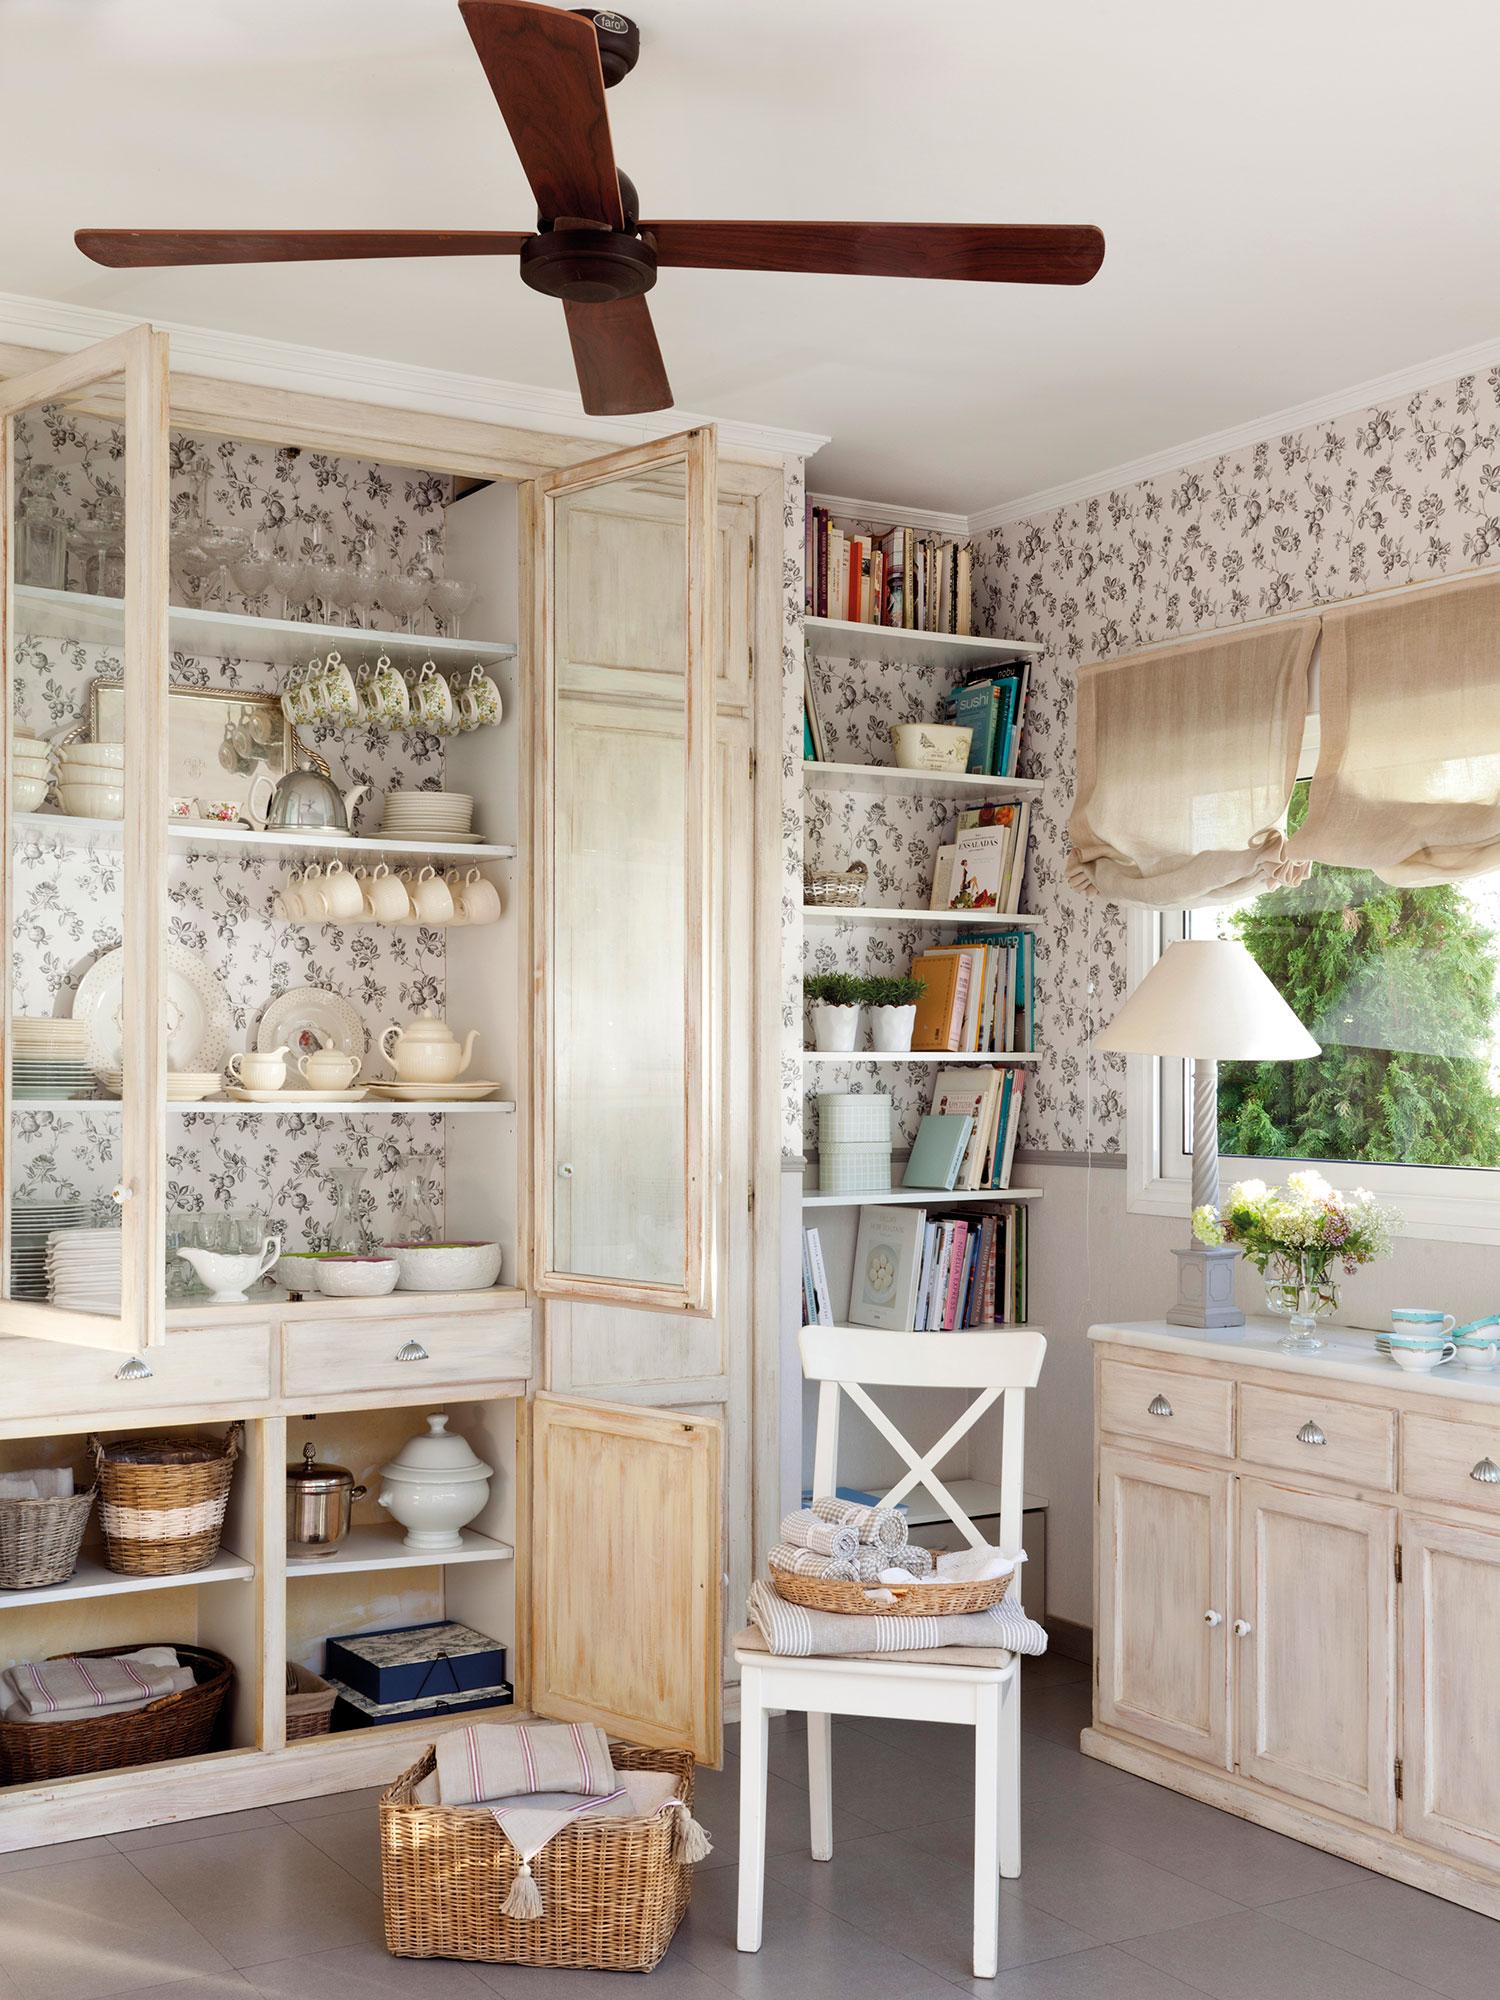 Office con papel pintado y aire provenzal con alacena y estantería para  libros. A medida f06beb7eefb5